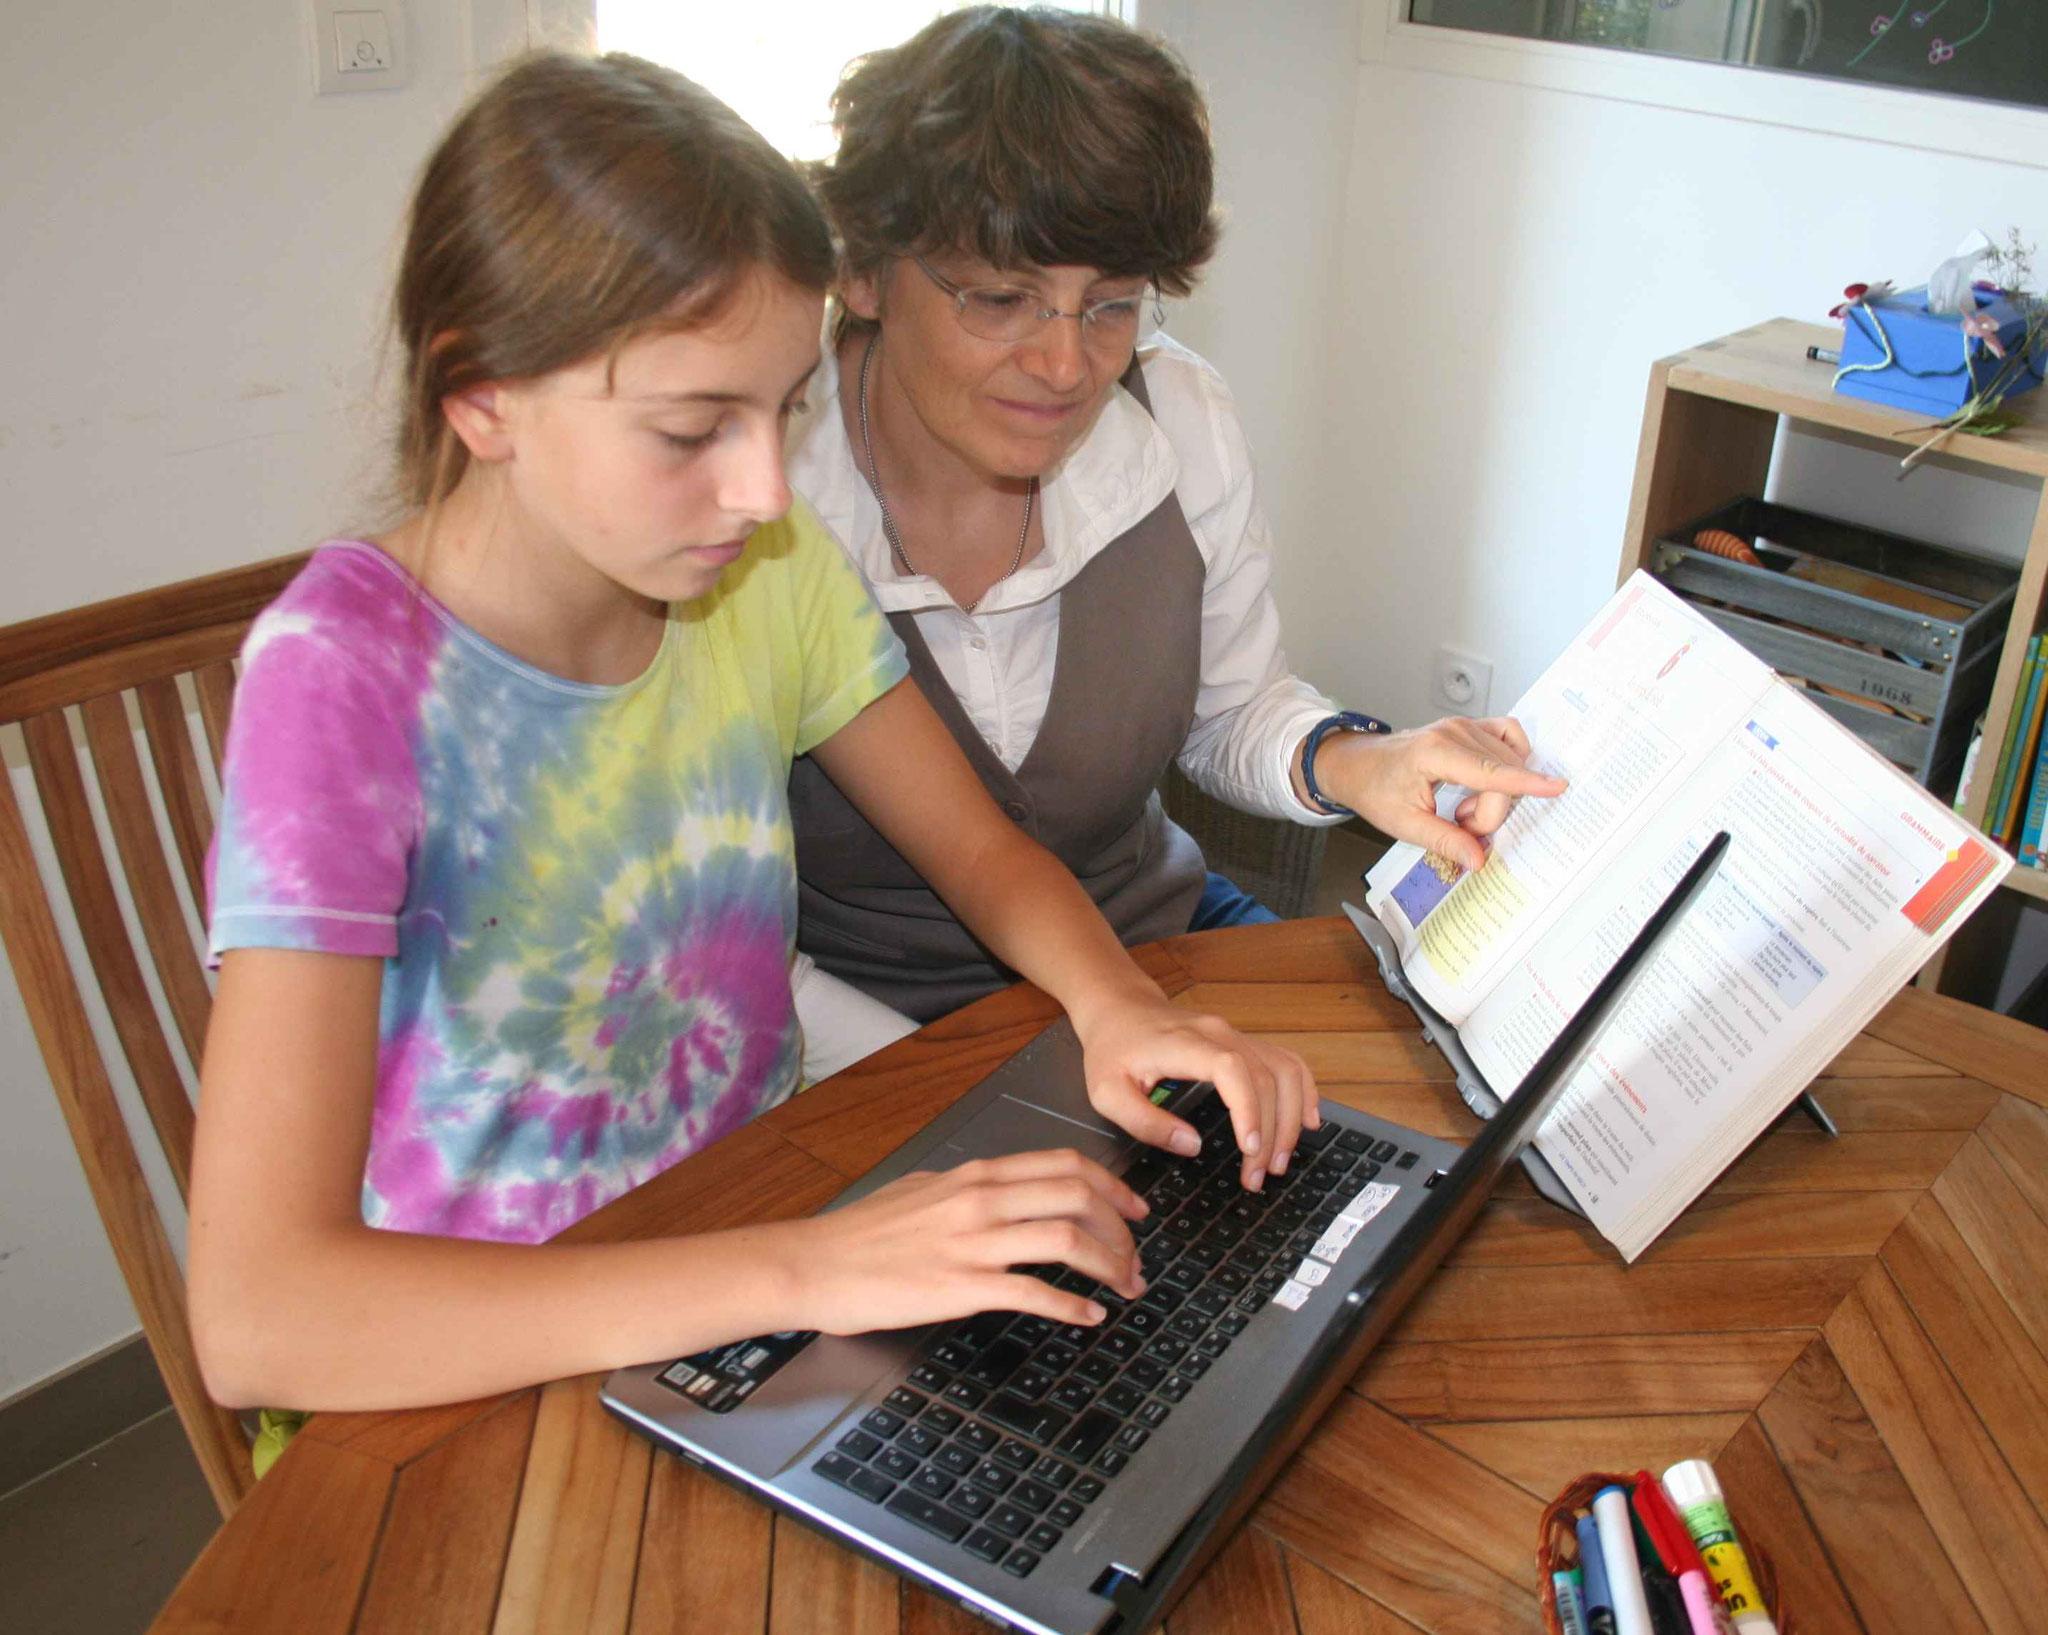 L'ordinateur portable pour les devoirs, ici, c'est possible!